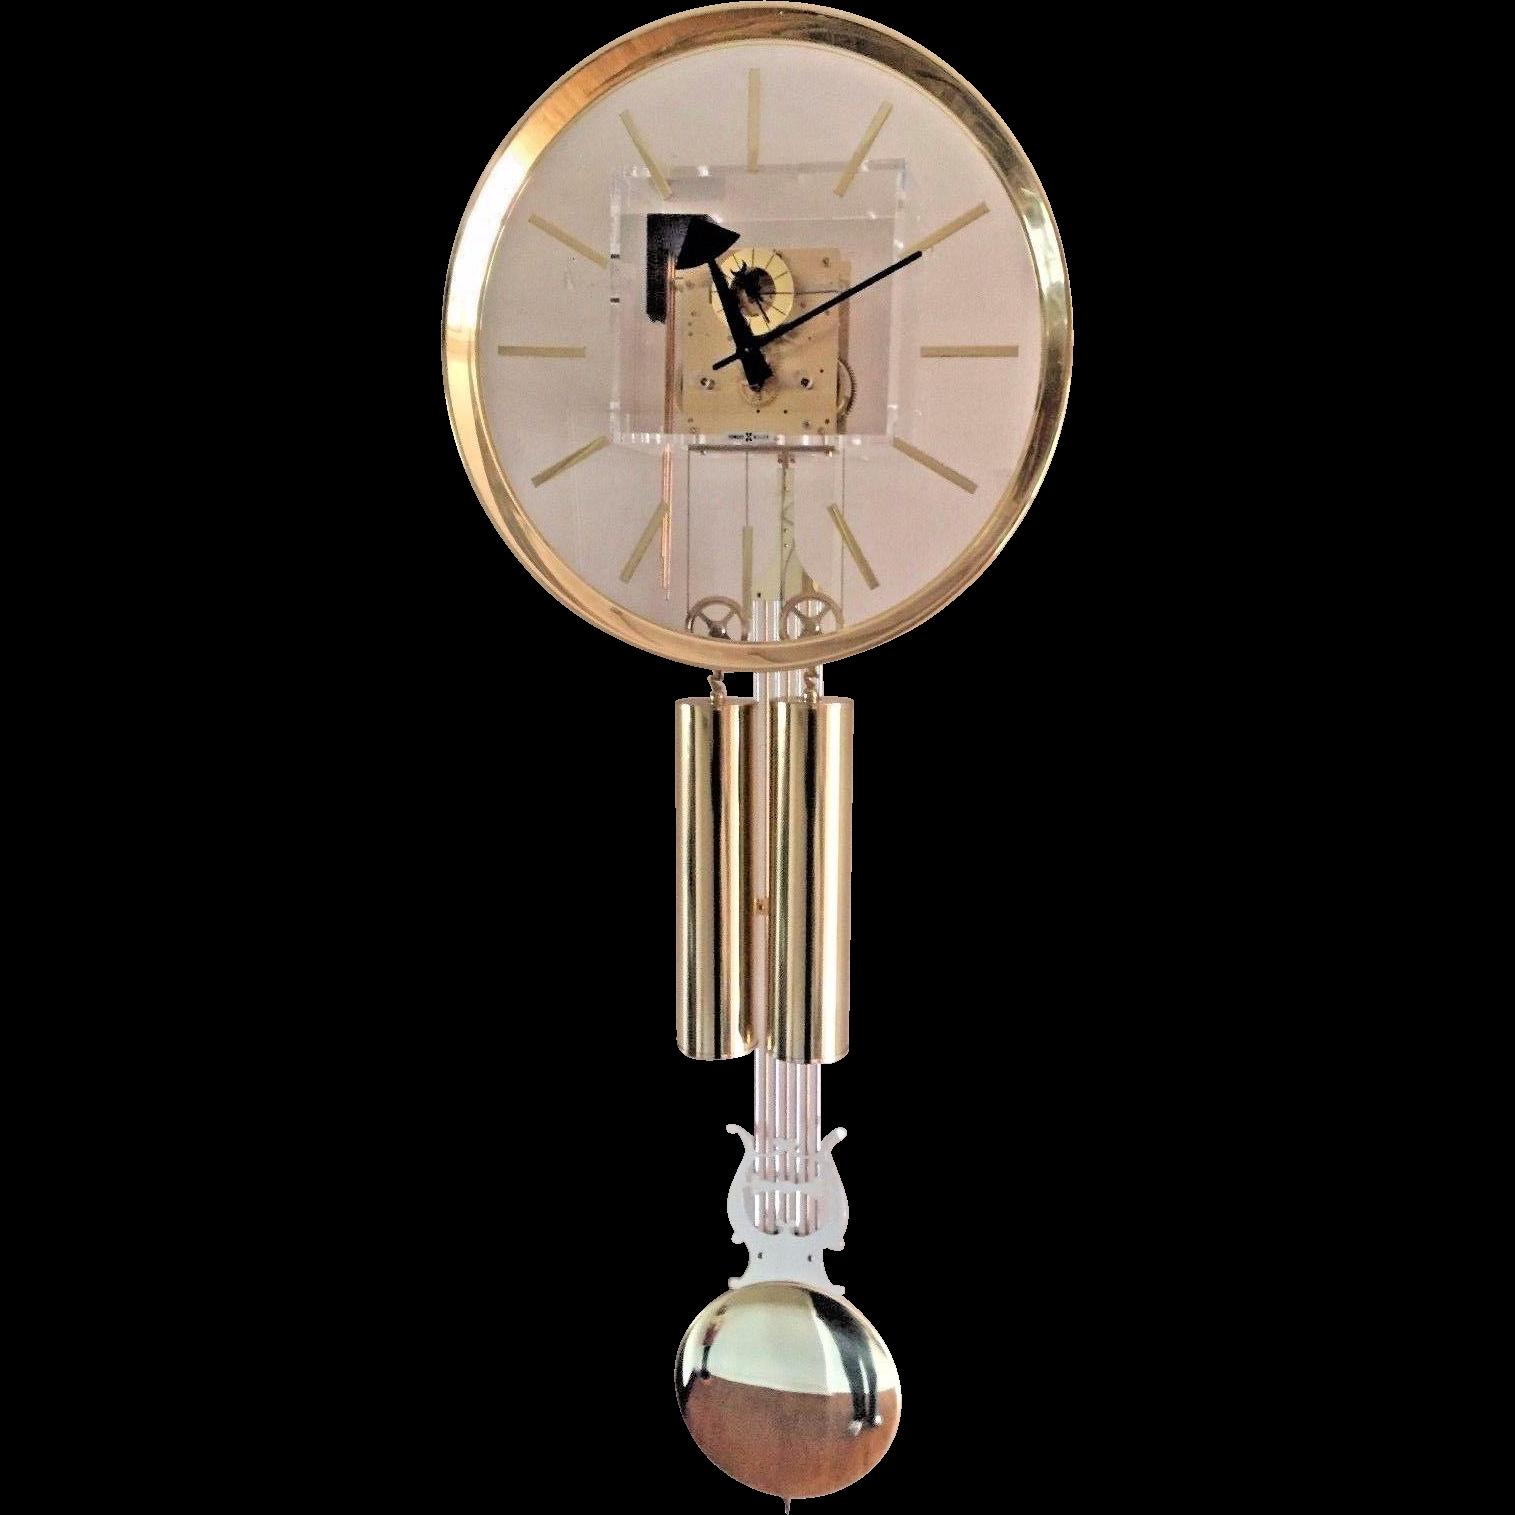 vtg howard miller george nelson designed mid century lucite wall clock runs bim bam strike a j kieninger movement germany - Howard Miller Clocks